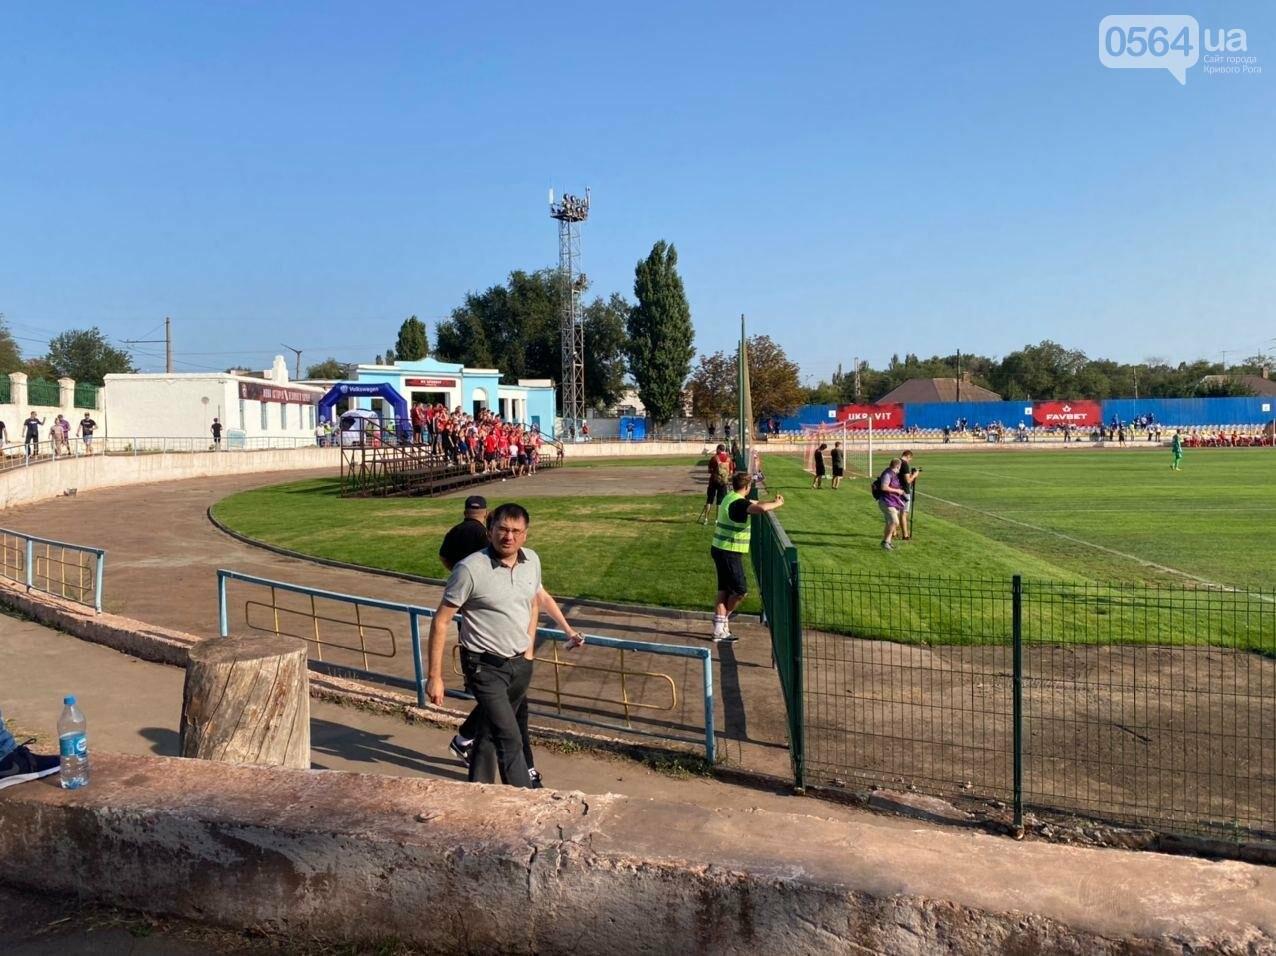 В Кривом Роге начался матч между ФК «Кривбасс» и ФК «Таврия»,  - ФОТО, ВИДЕО, фото-3